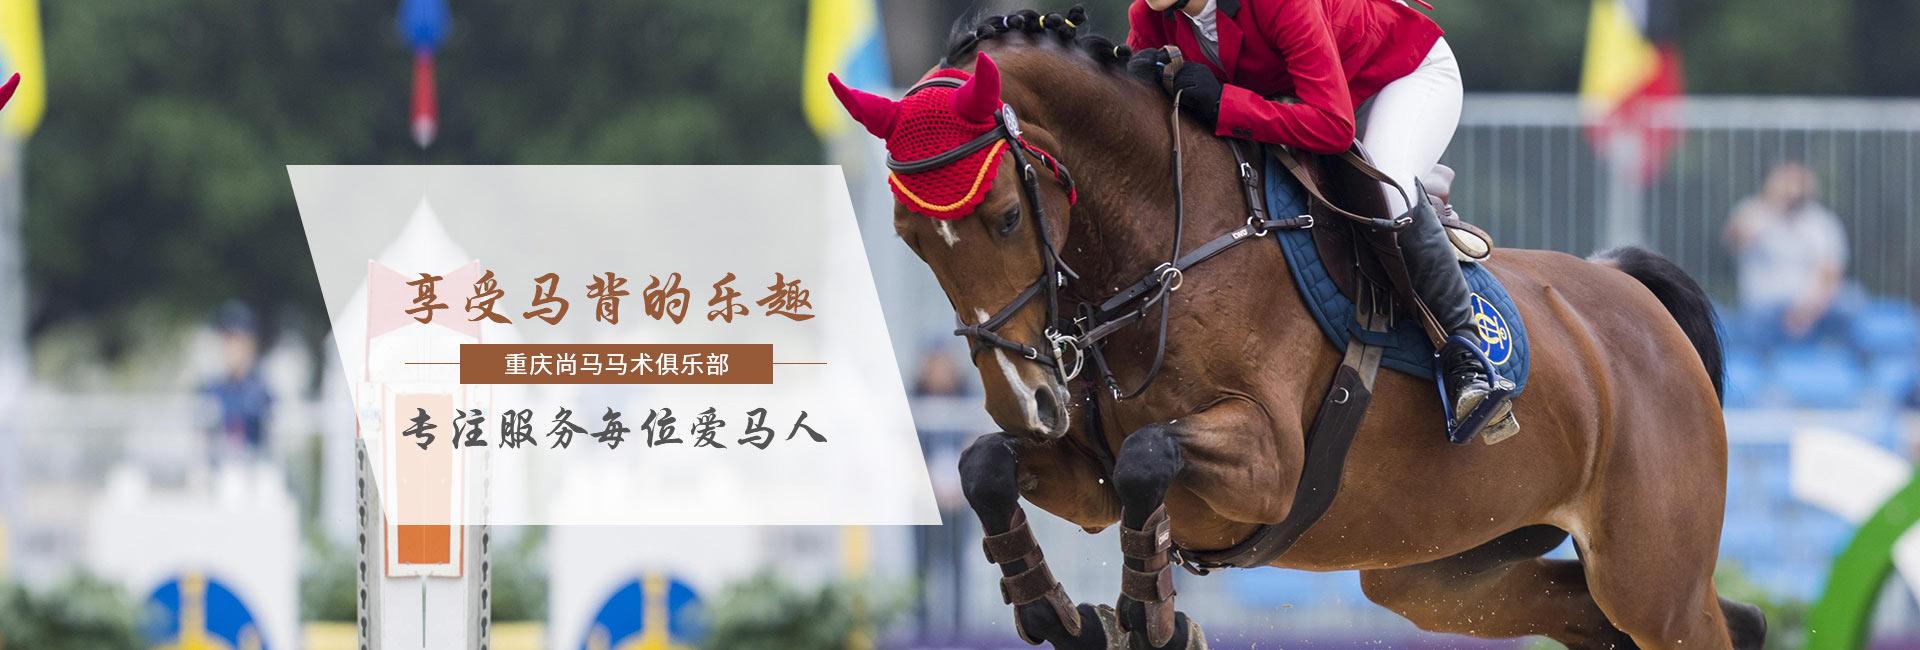 重庆马术俱乐部